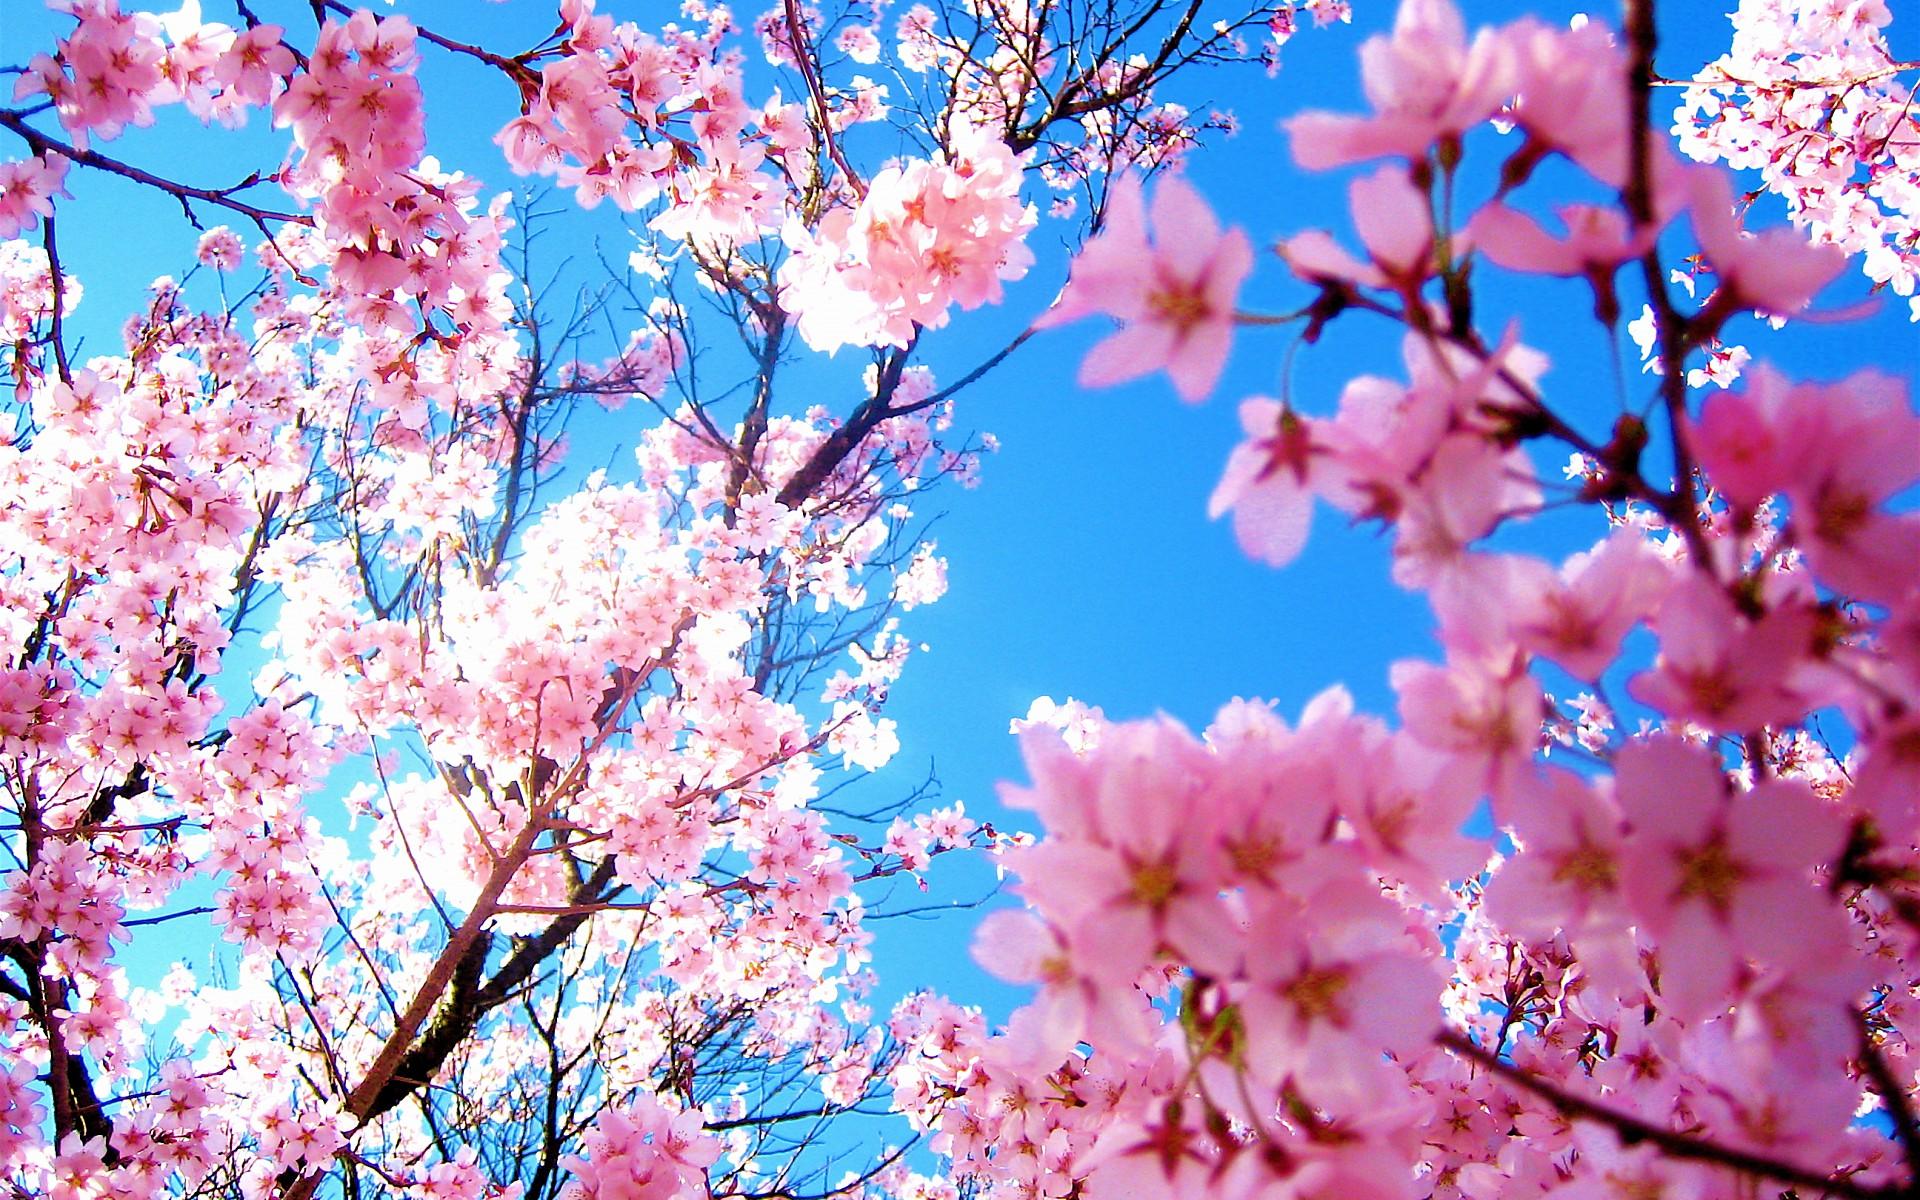 【日常使い】春のインナーたった3着で5日間着回すコーデテクニック大公開!